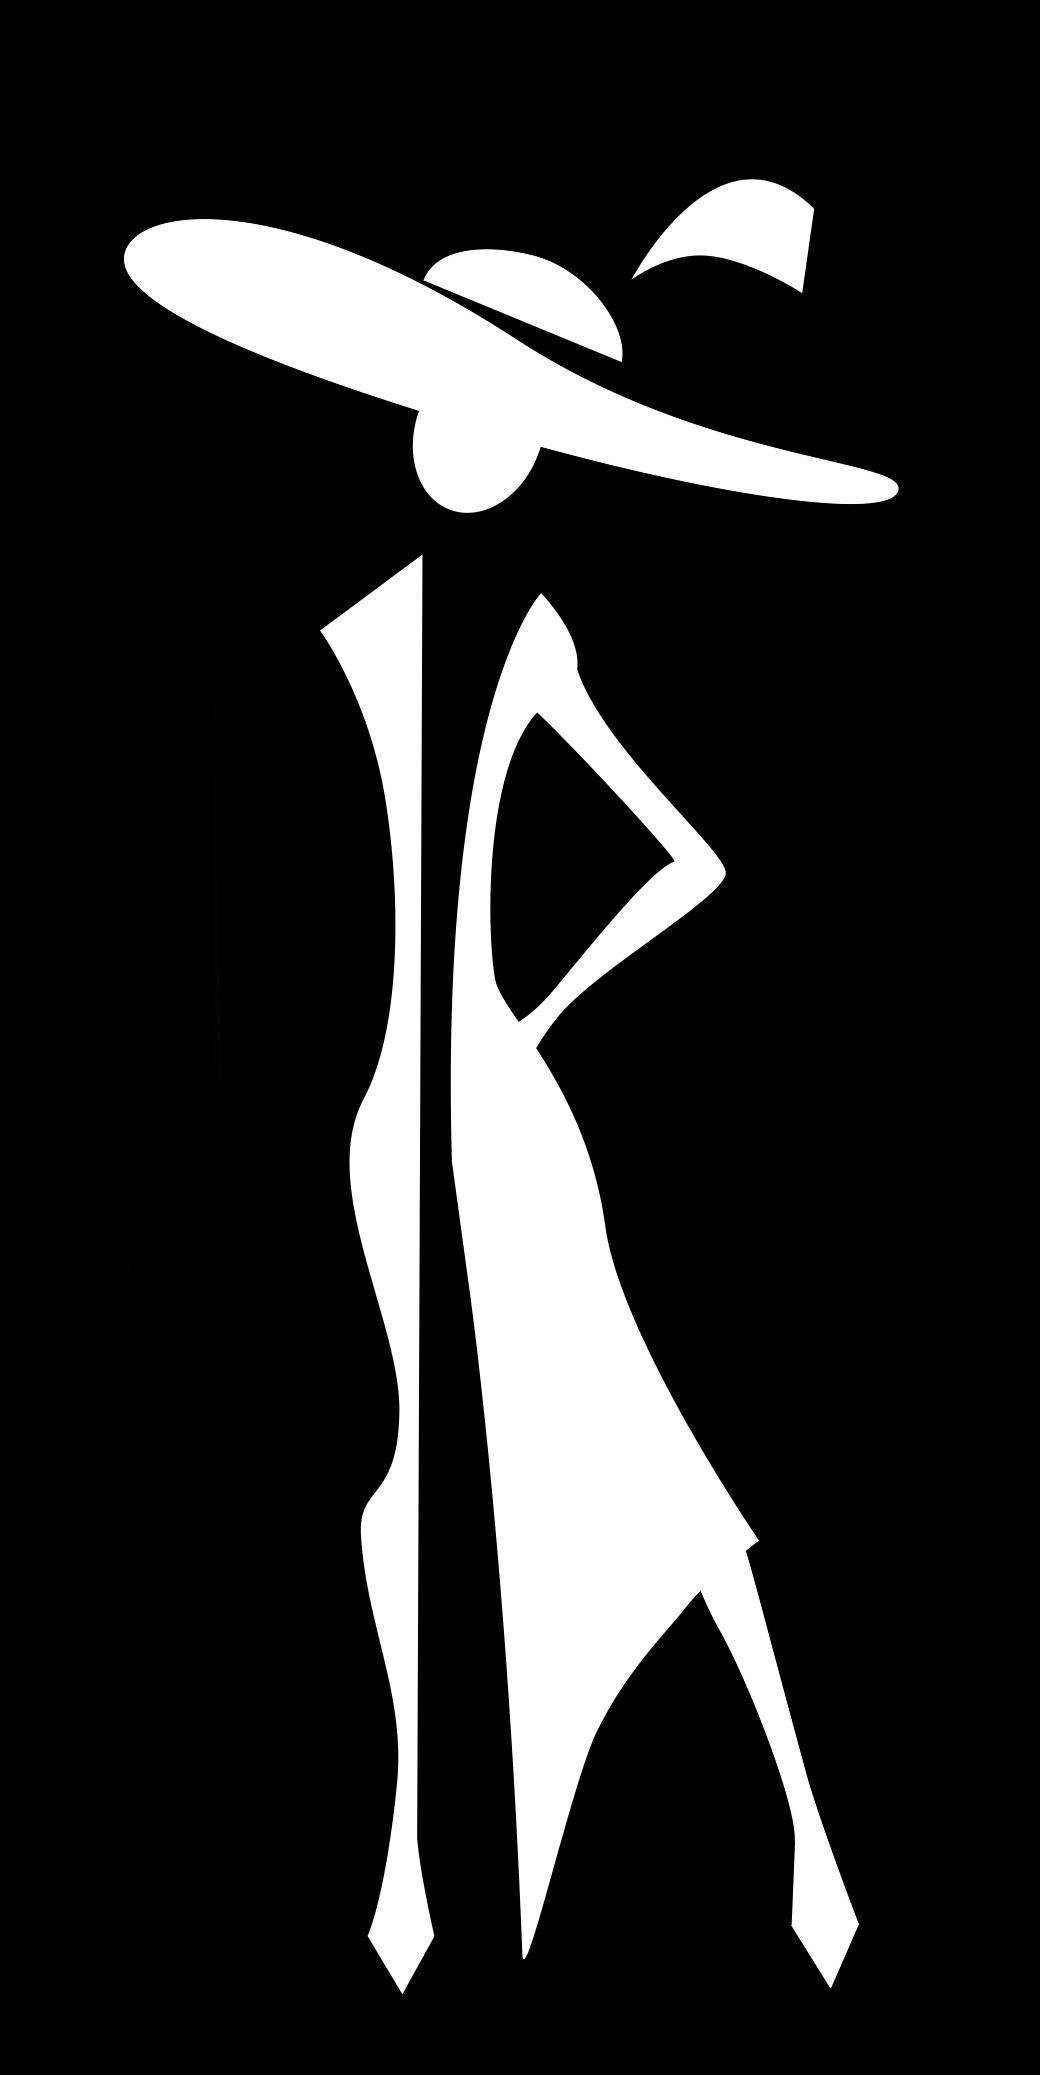 Логотип для брендовой пряжи и трикотажной одежды фото f_1556006a14a9e471.jpg